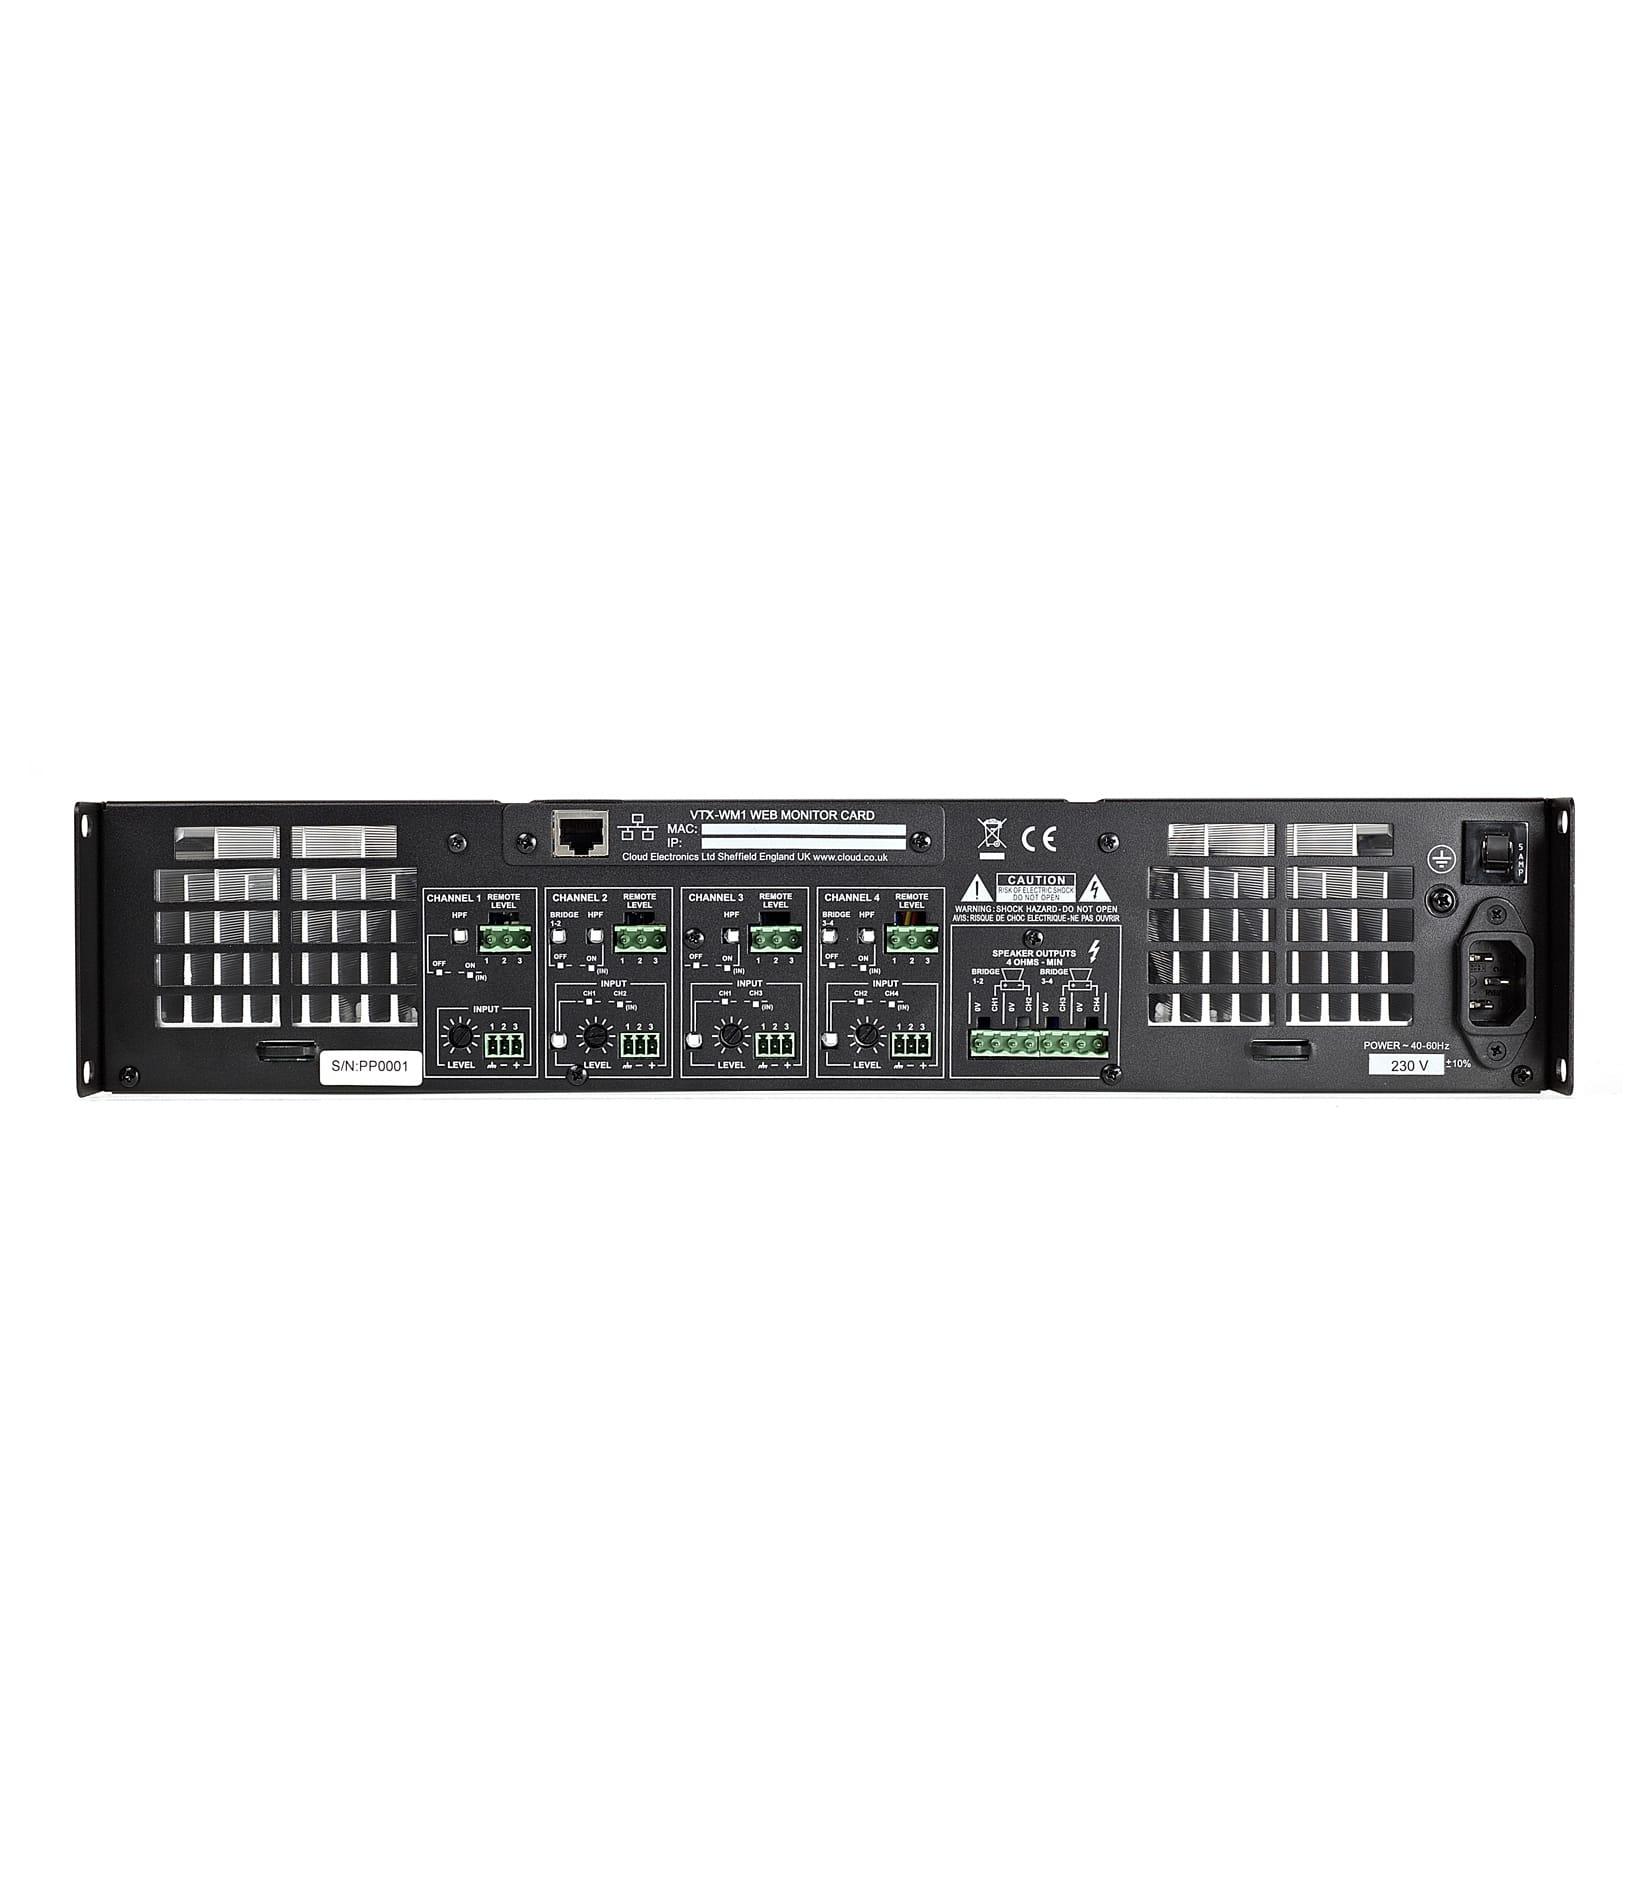 VTX WM1 - Buy Online